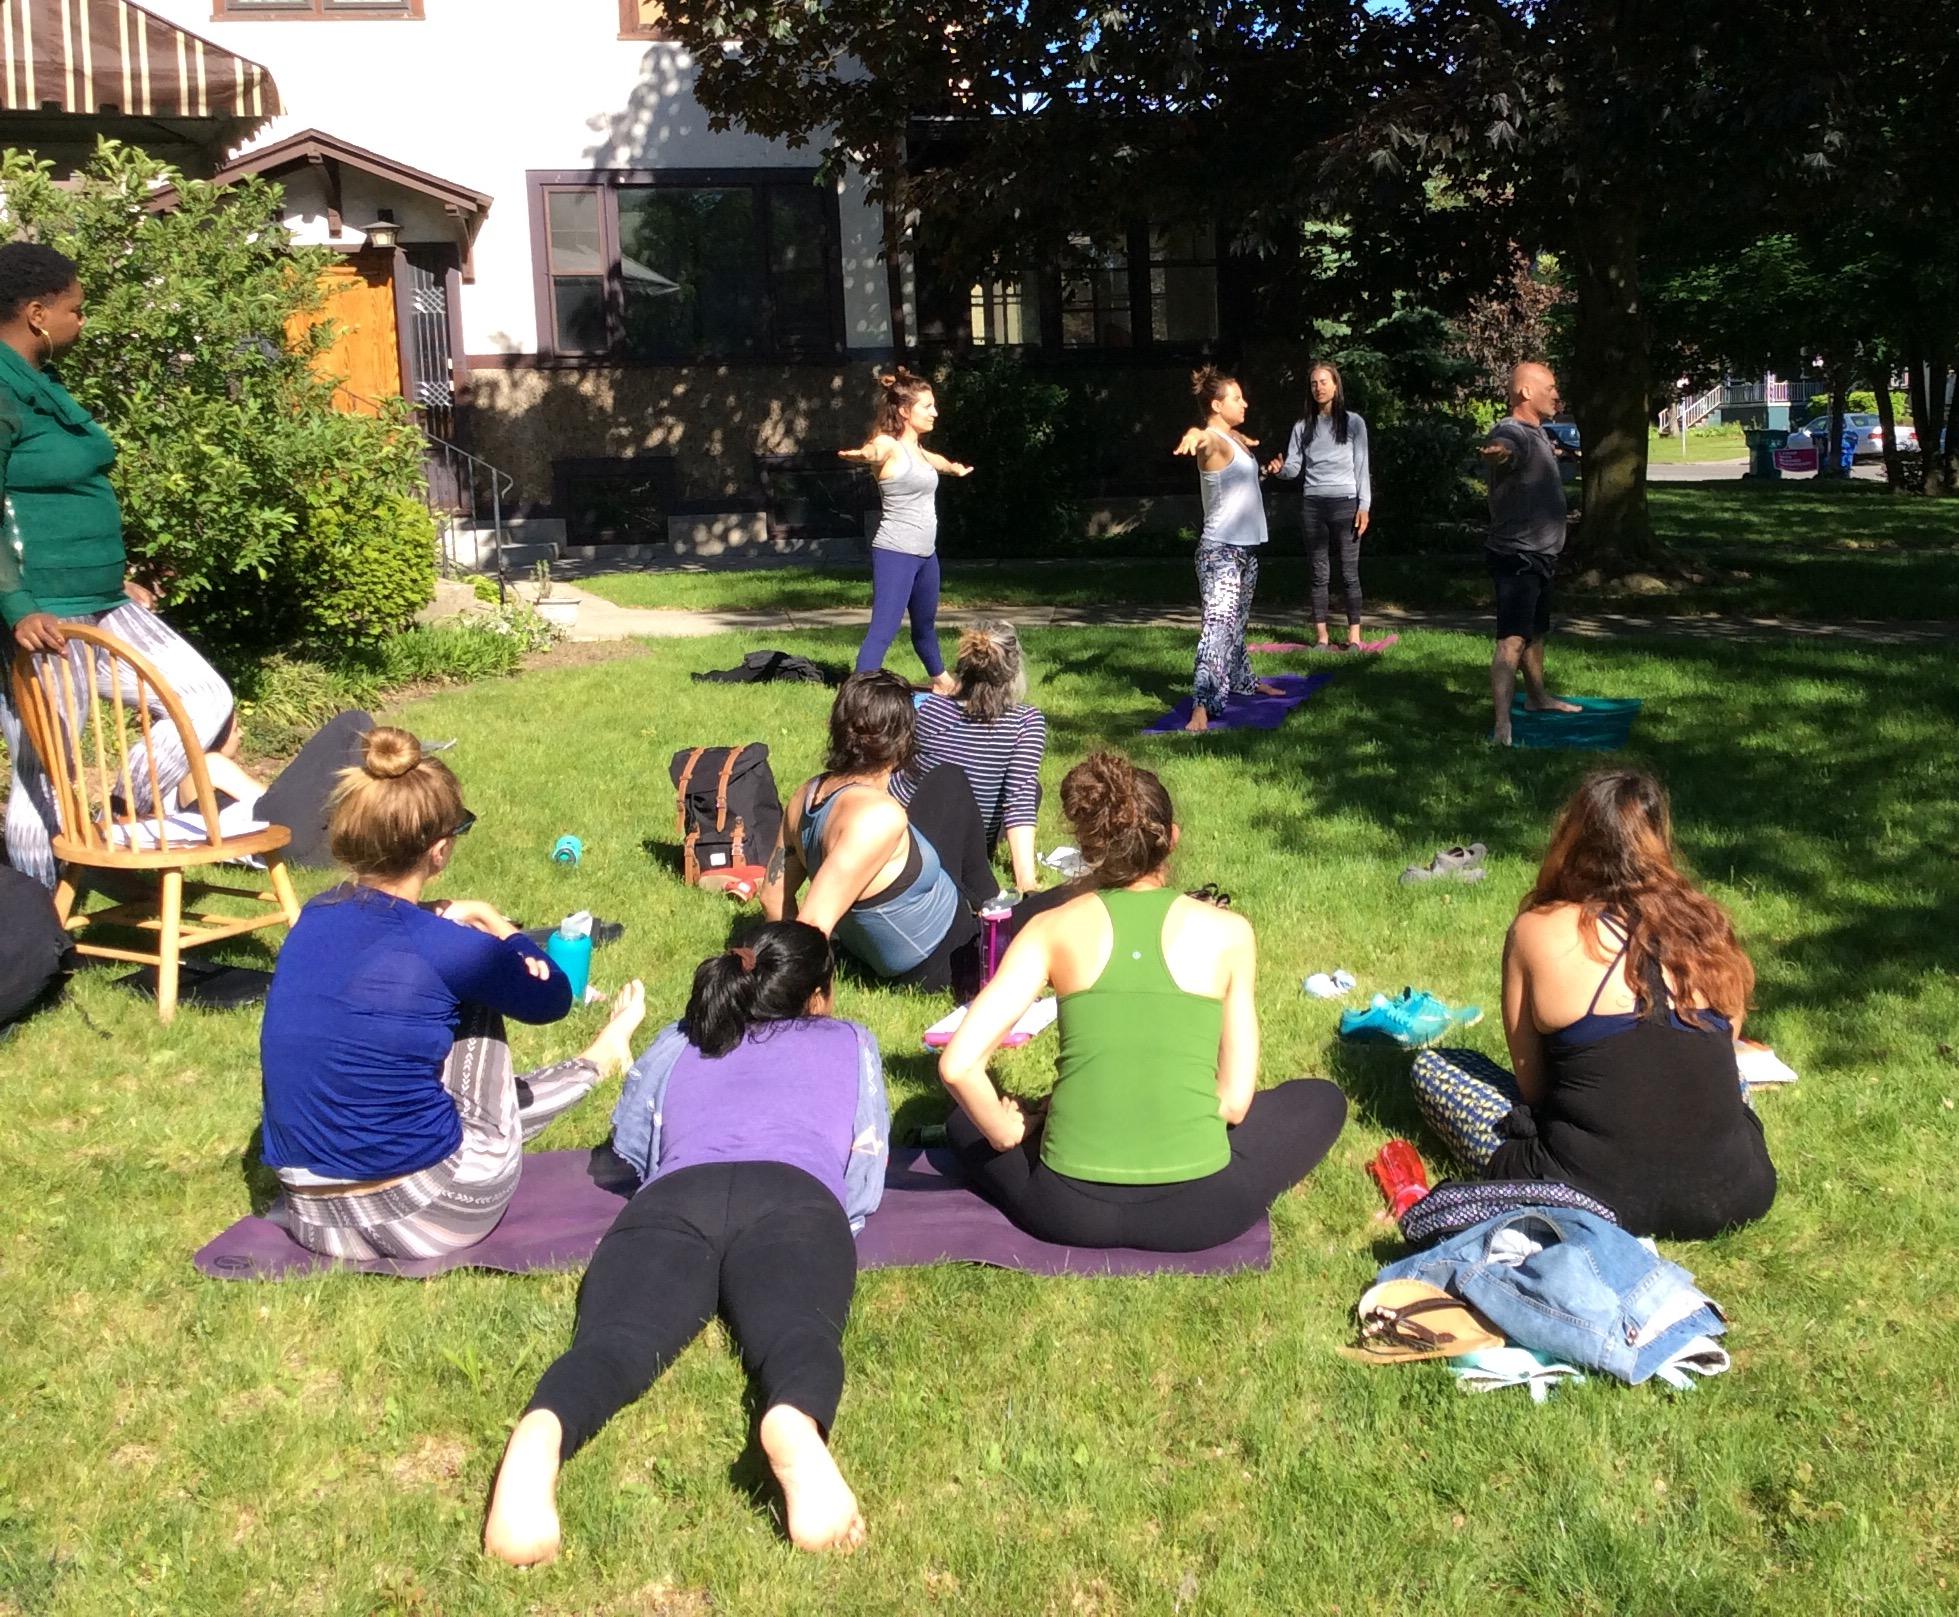 500-hour-yoga-teacher-training-education-buffalo.jpg